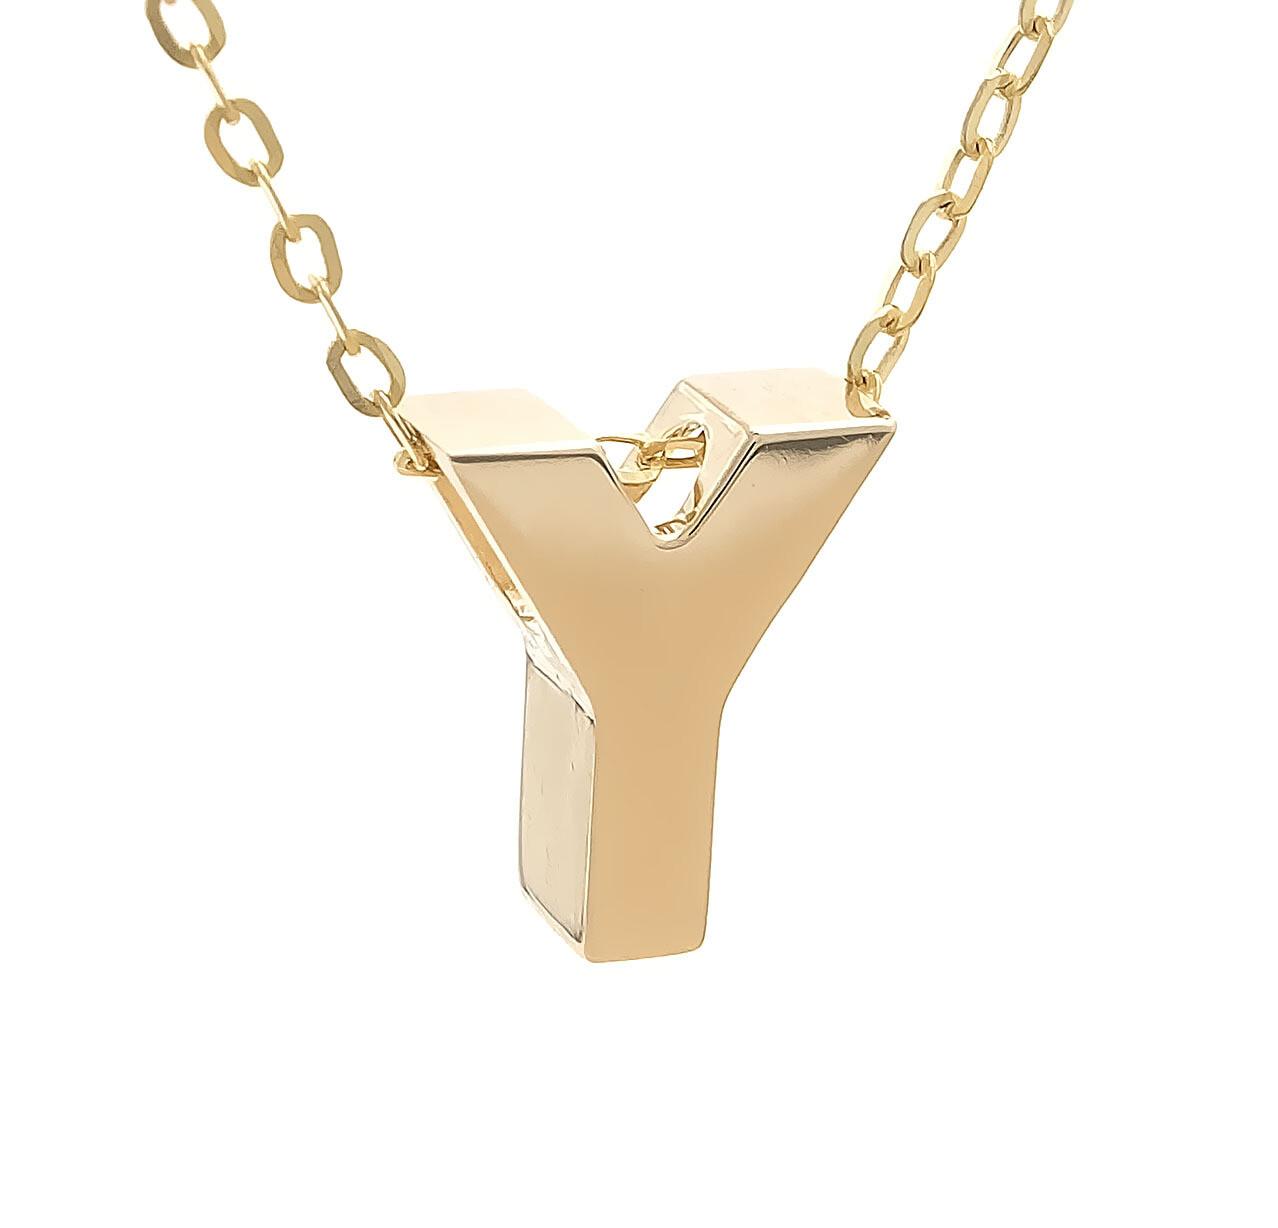 14kyg Initial Letter Y